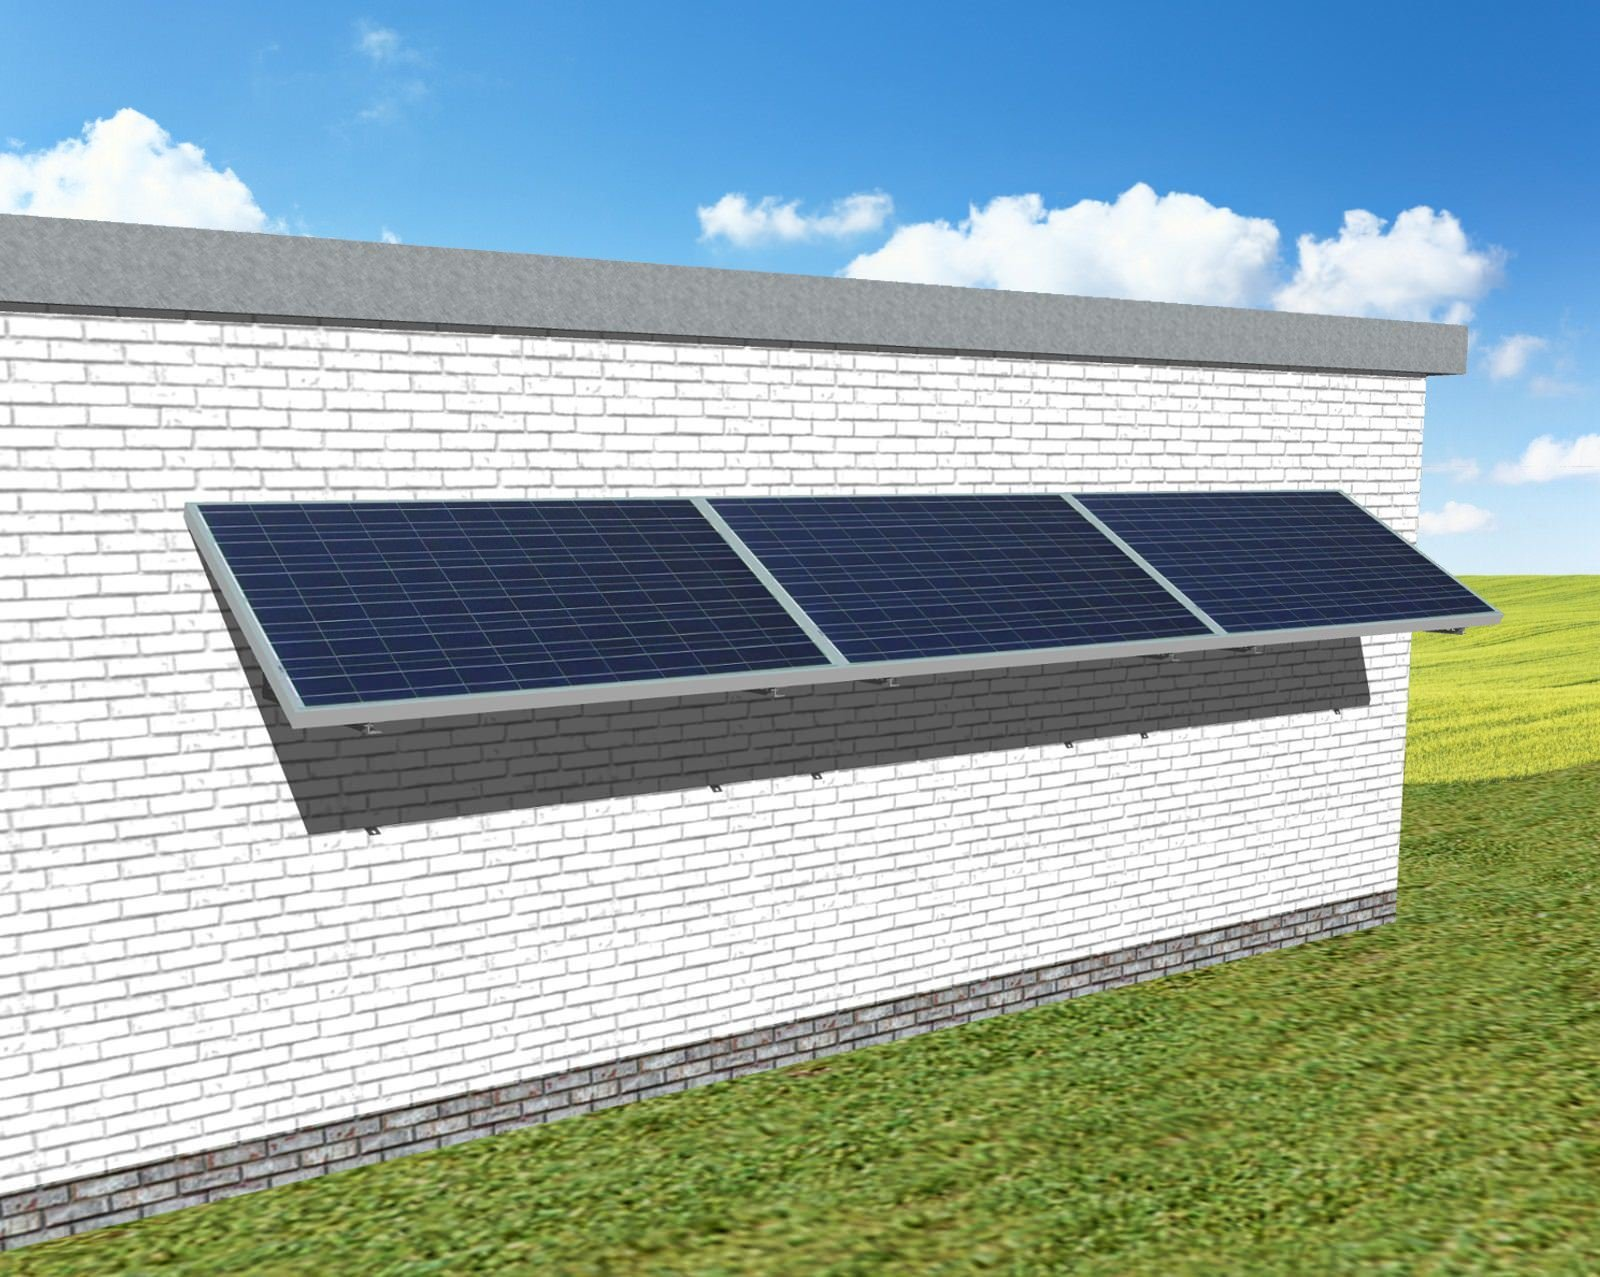 myCleantechSolarPower™ Solaranalage Fassade oder Carport mit 3 Pannels - Musterbild